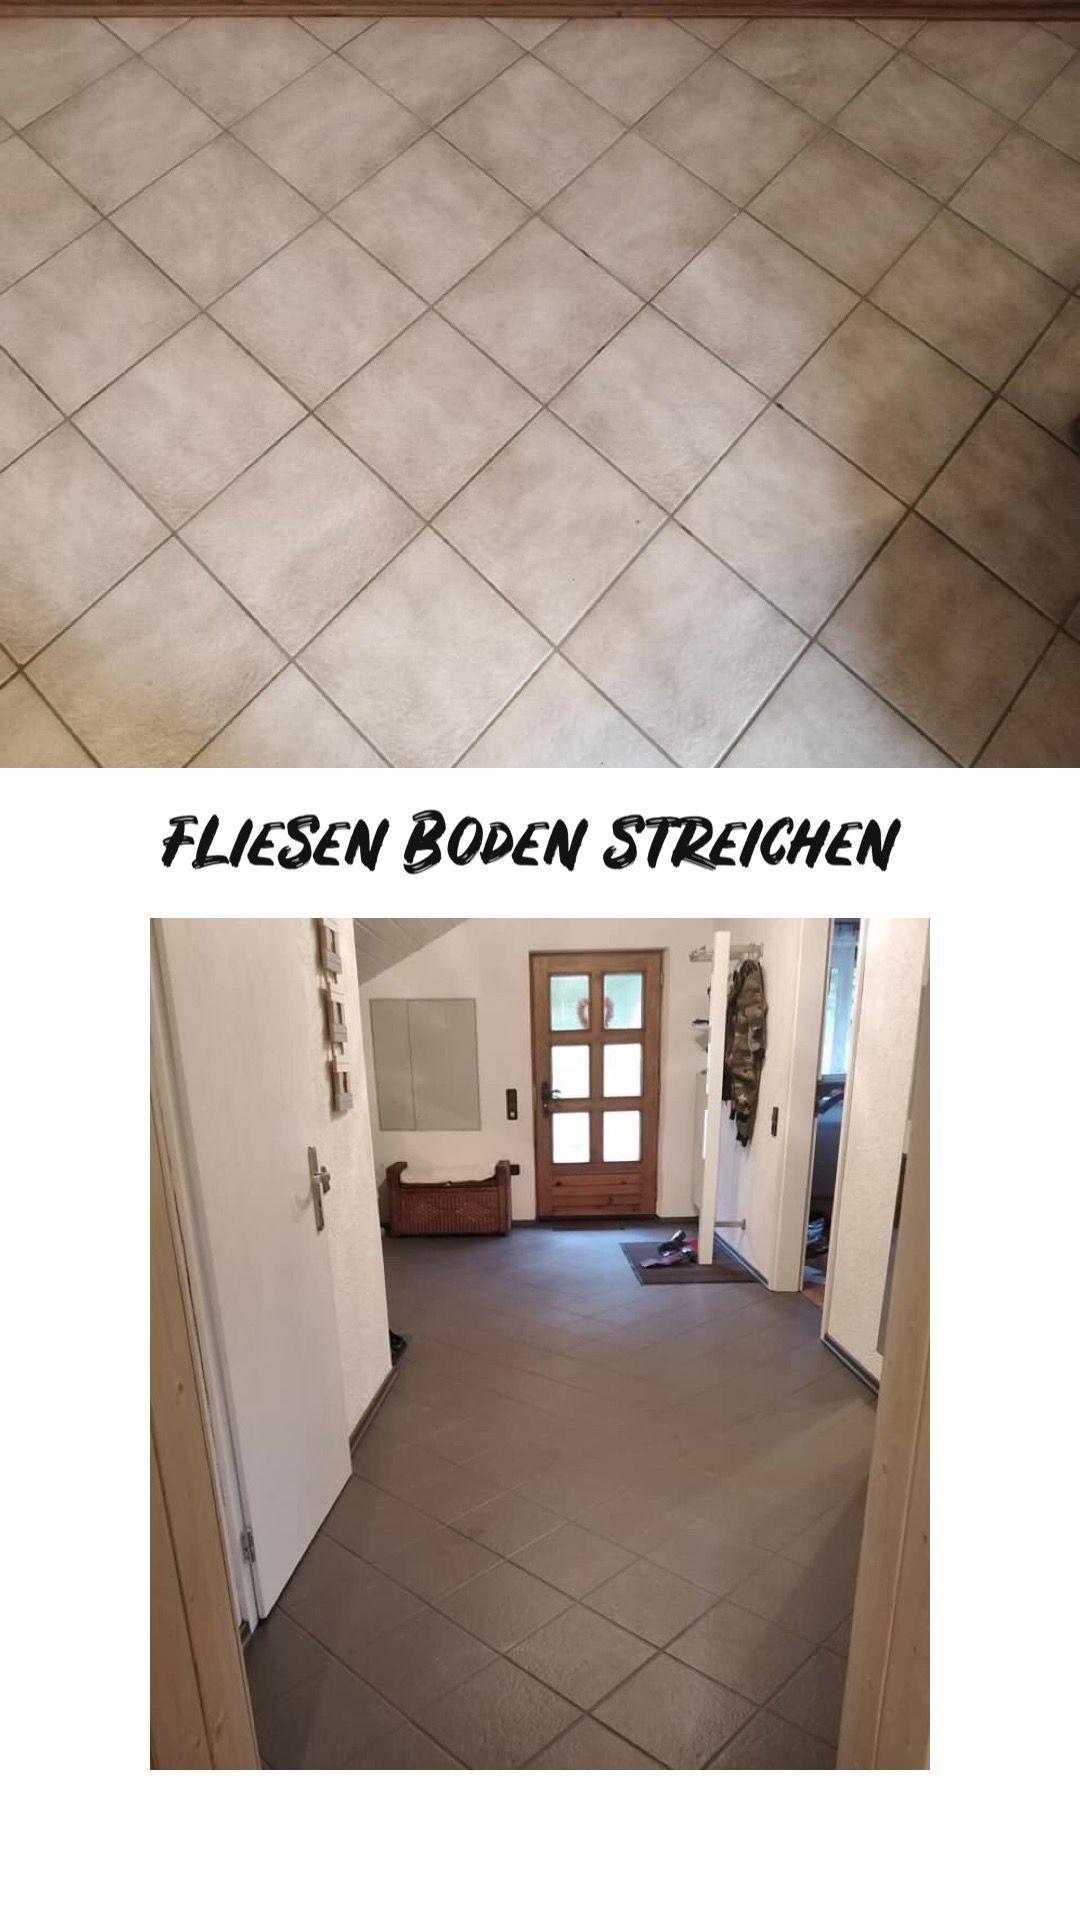 Fußboden und Fliesenboden streichen fliesenstreichen Mit unseren Lacken kannst du ganz einfach ...